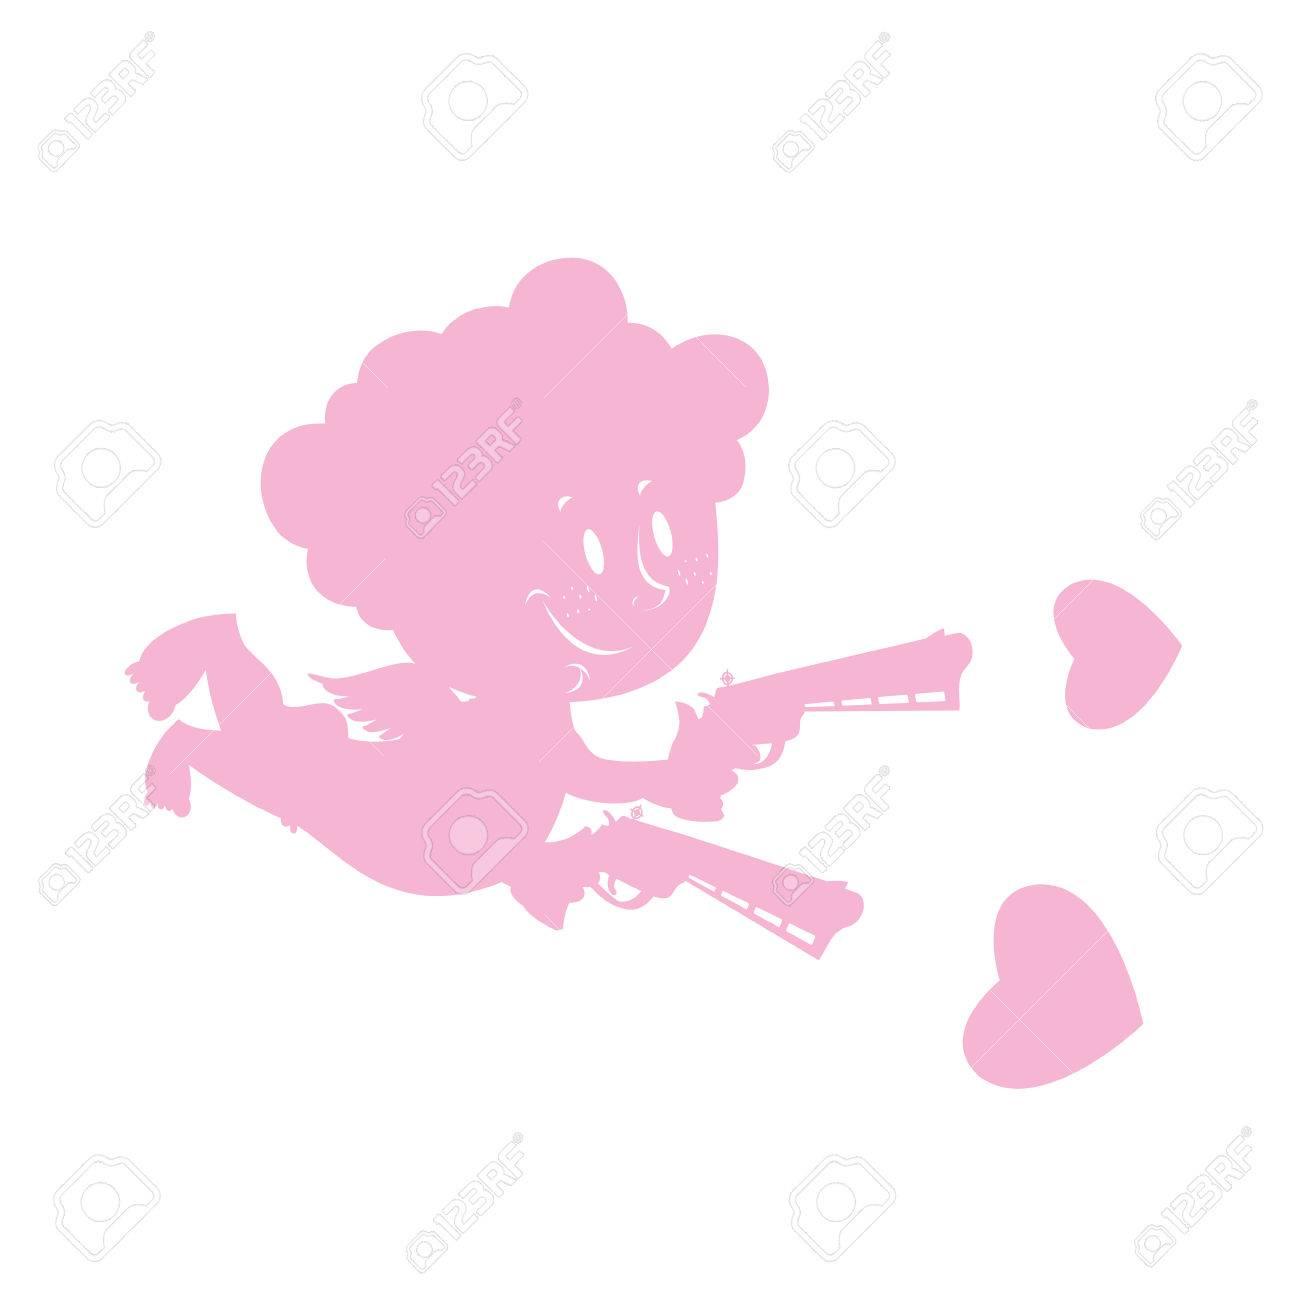 Amor Und Liebe Waffen Silhouette Des Kleinen Engel Mit Einem